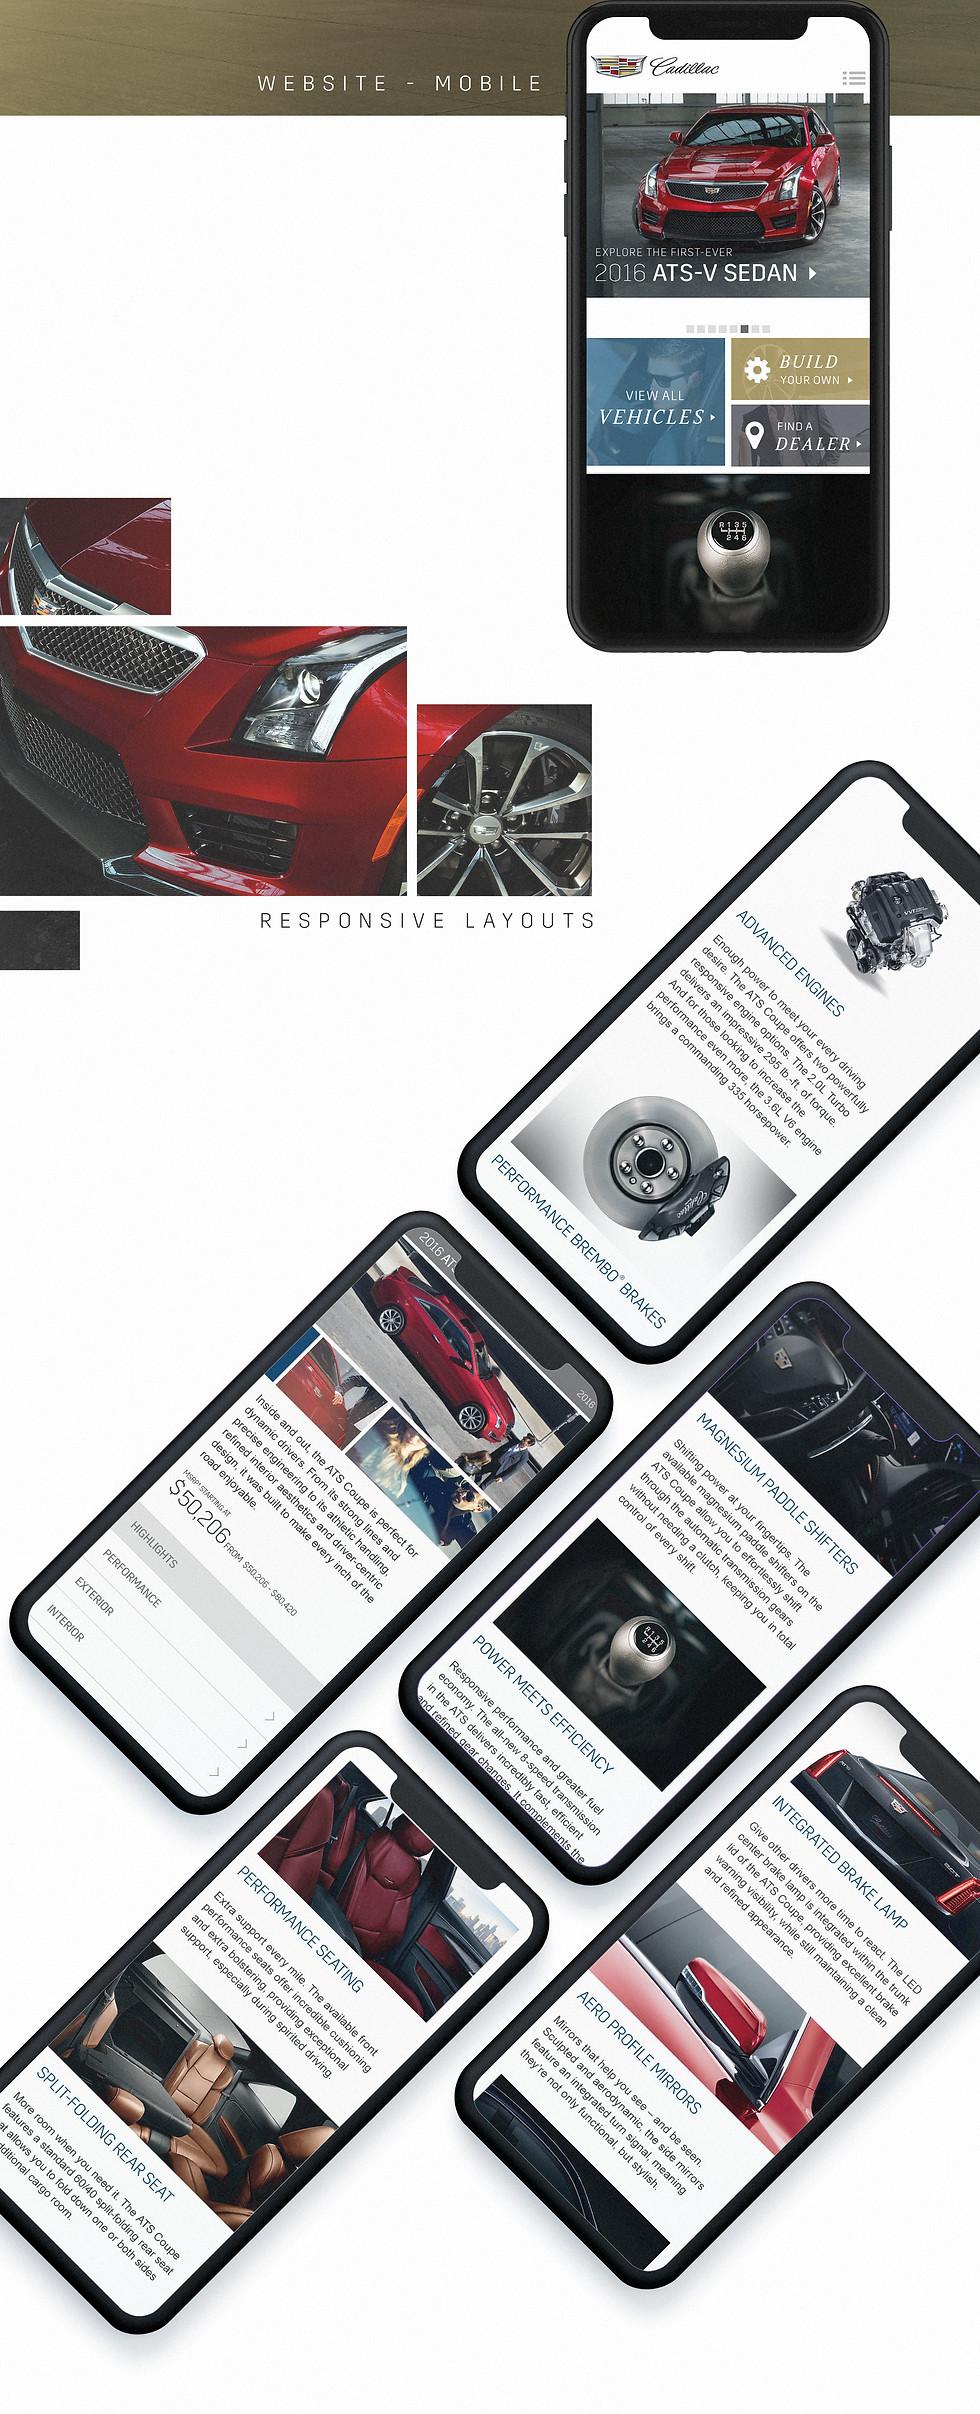 Cadillac_Digital_Campaign_Web_04.jpg